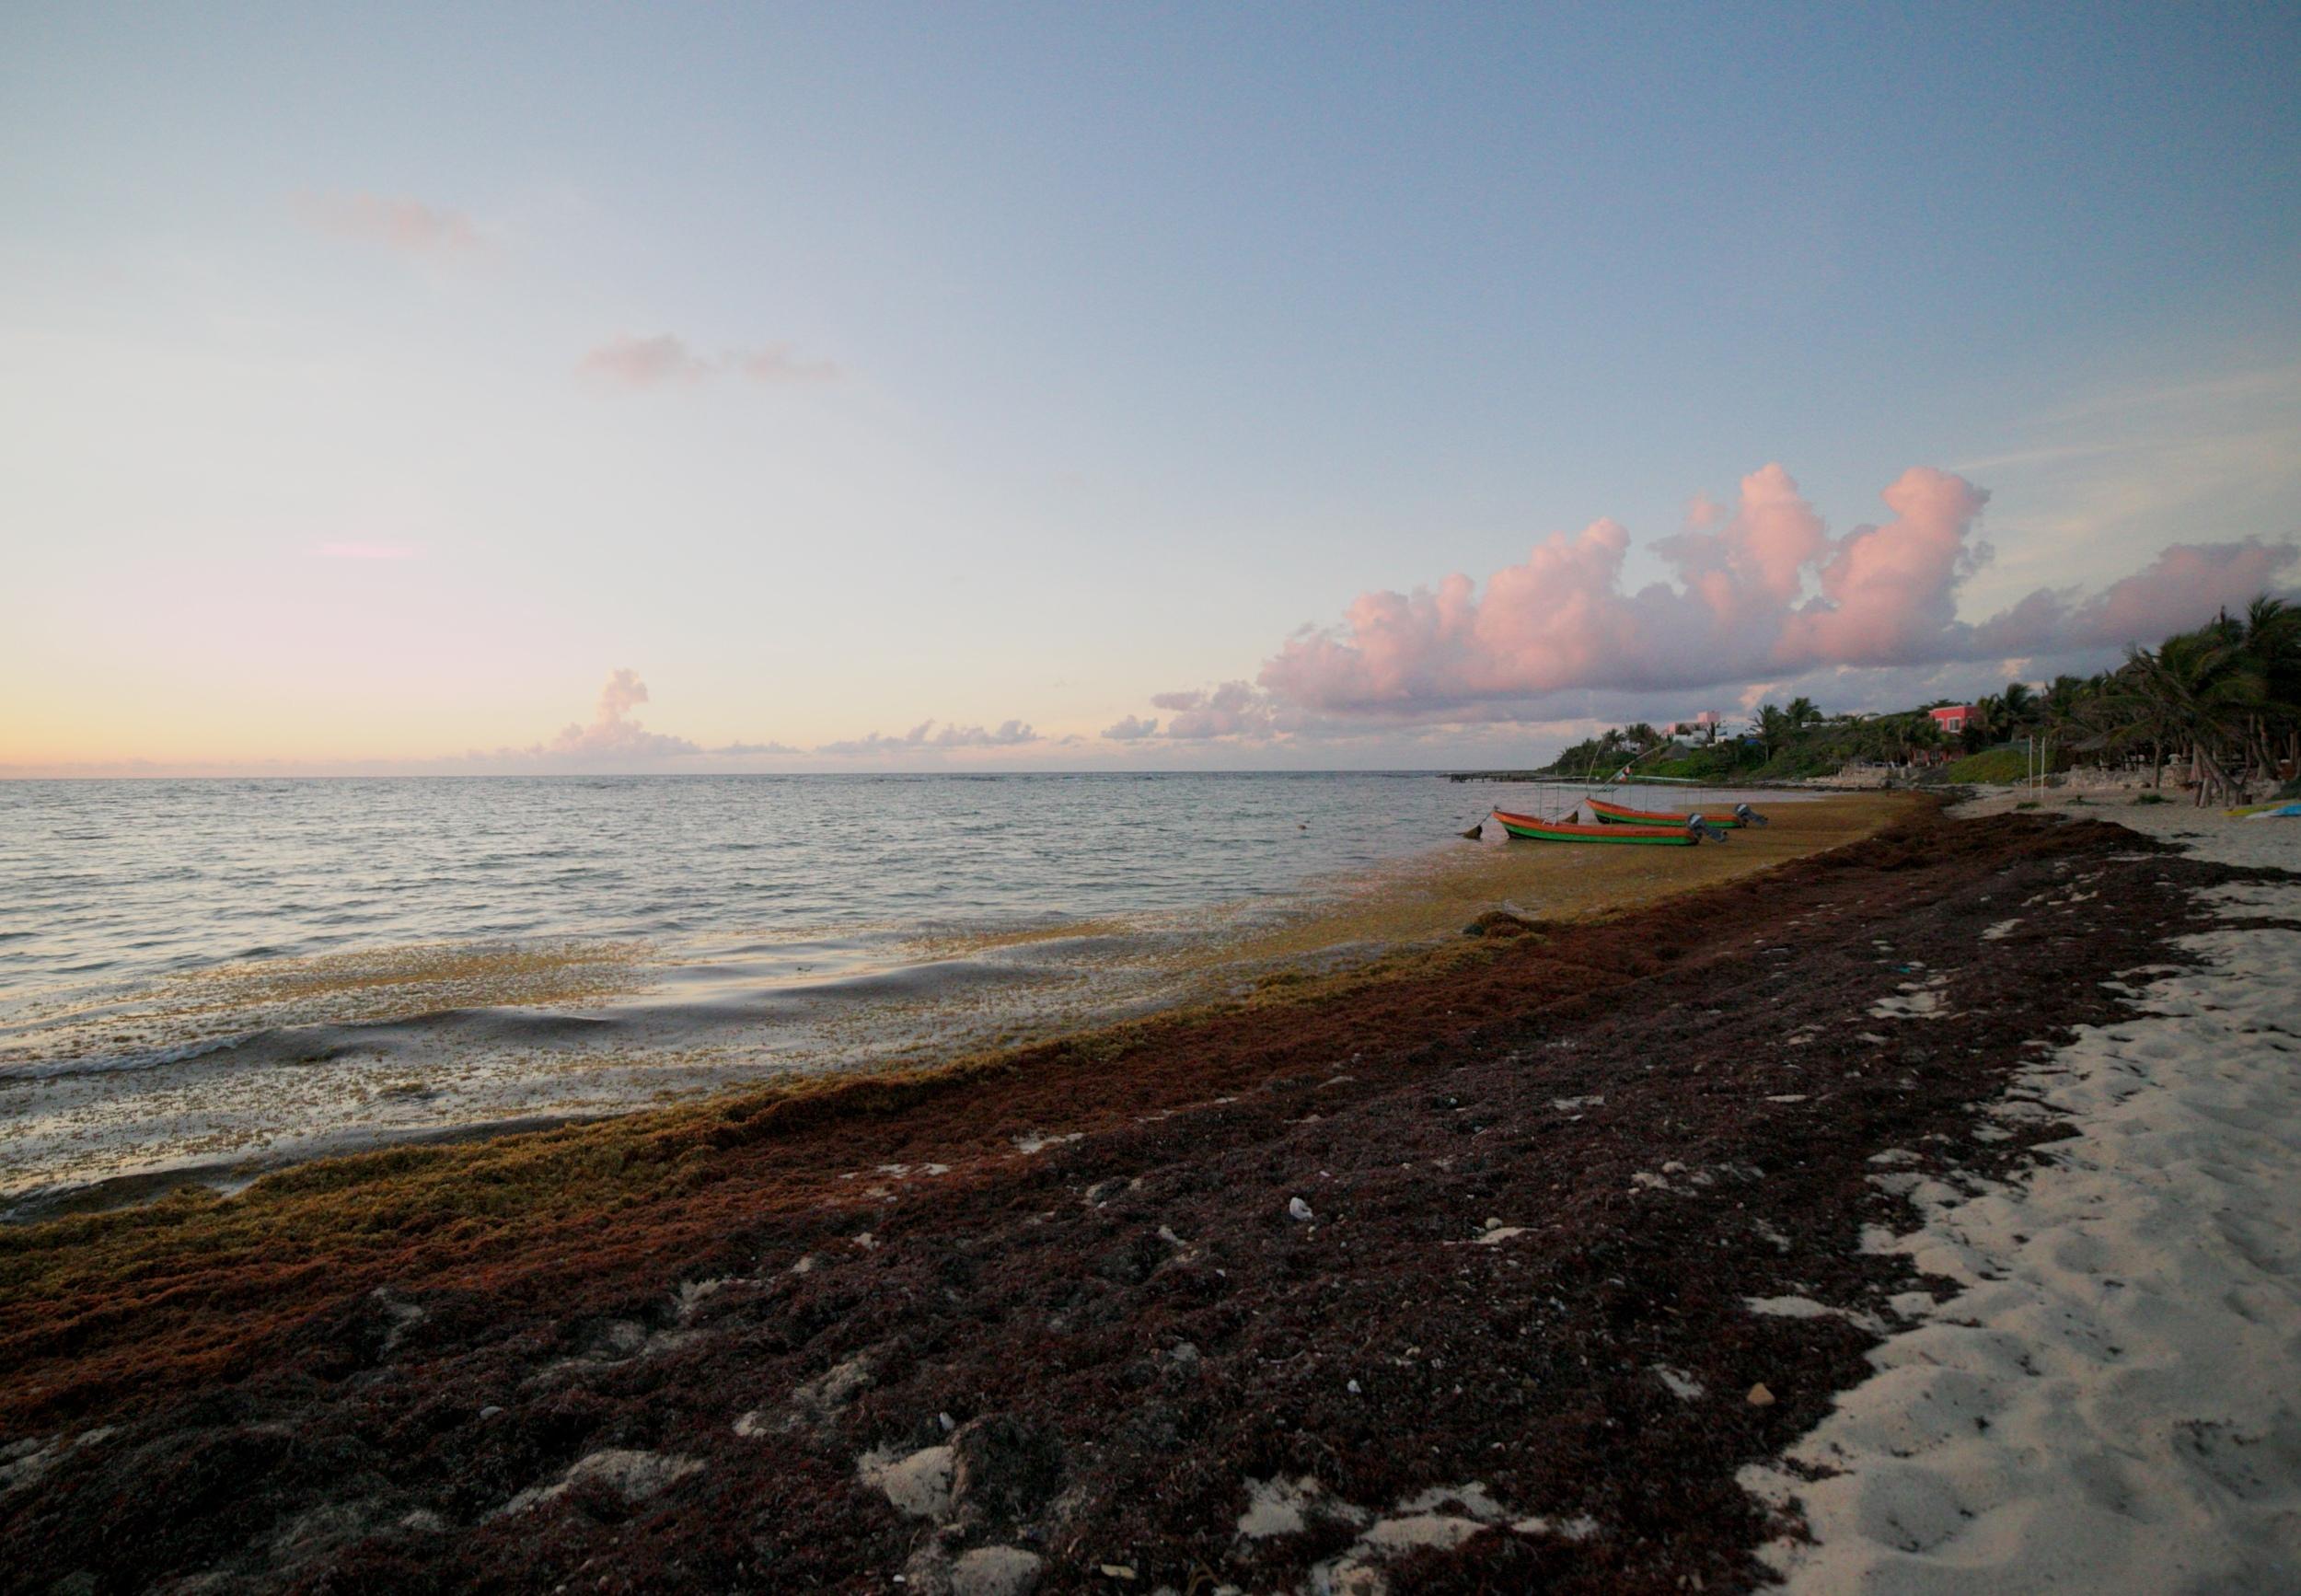 Swathes of red seaweed and a rising sun, Half Moon Bay, Akumal.